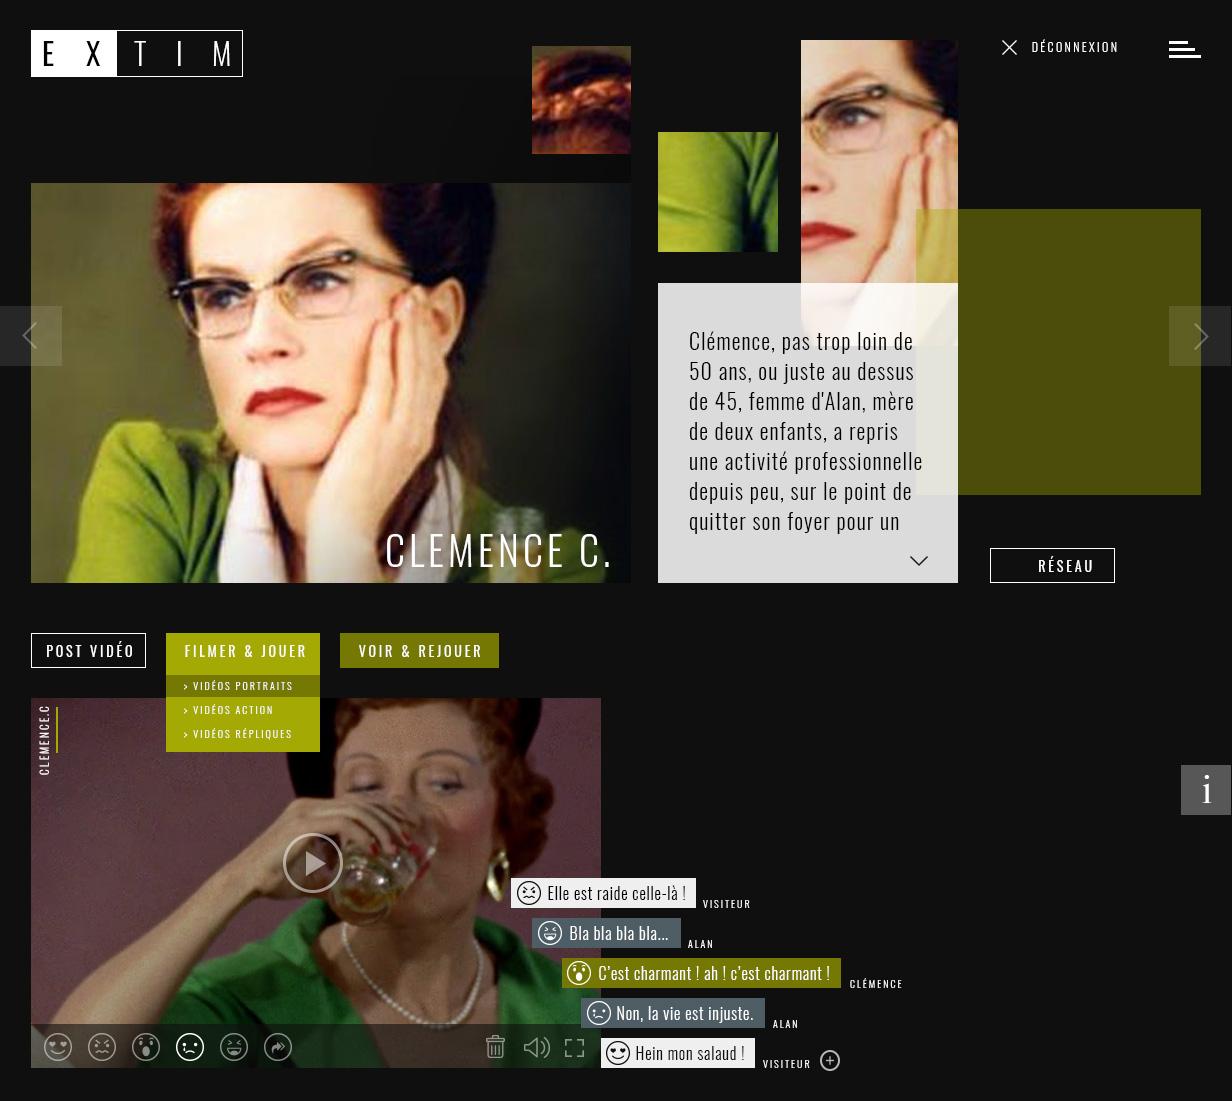 EXTIM-Web-CieExVoto-Img7